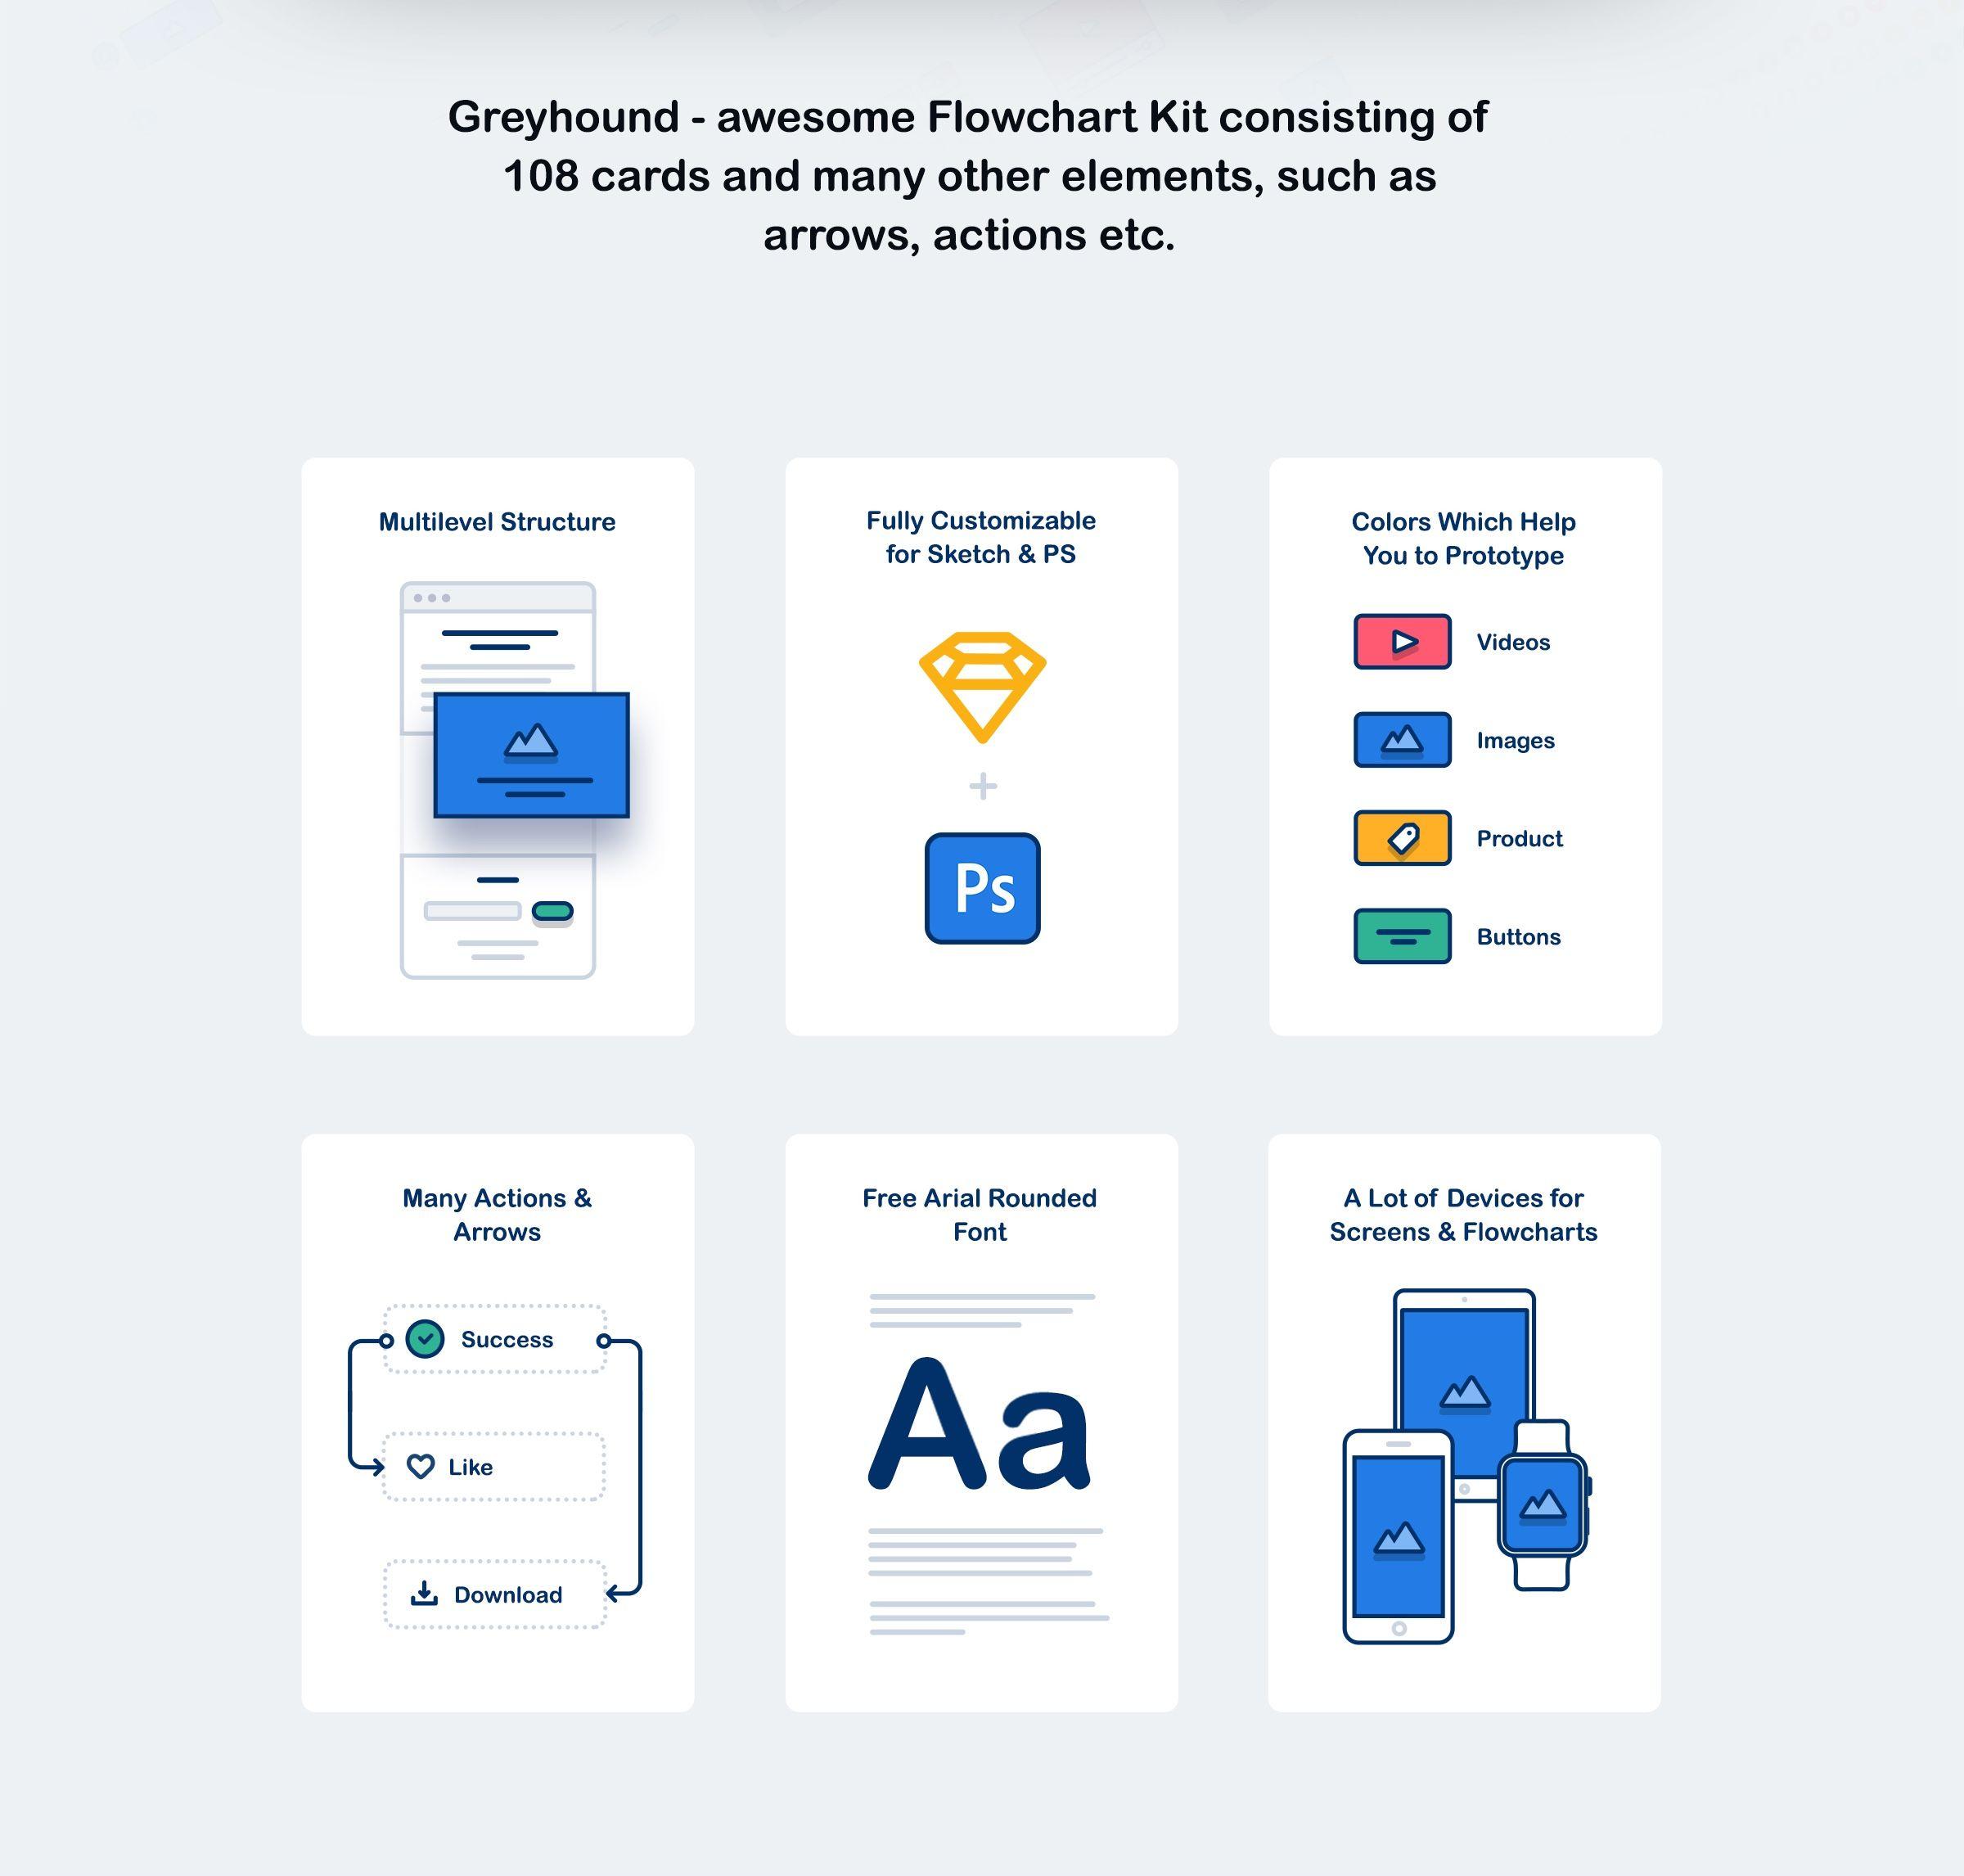 Greyhound UX Flowcharts by Craftwork. Get it on MarketMe